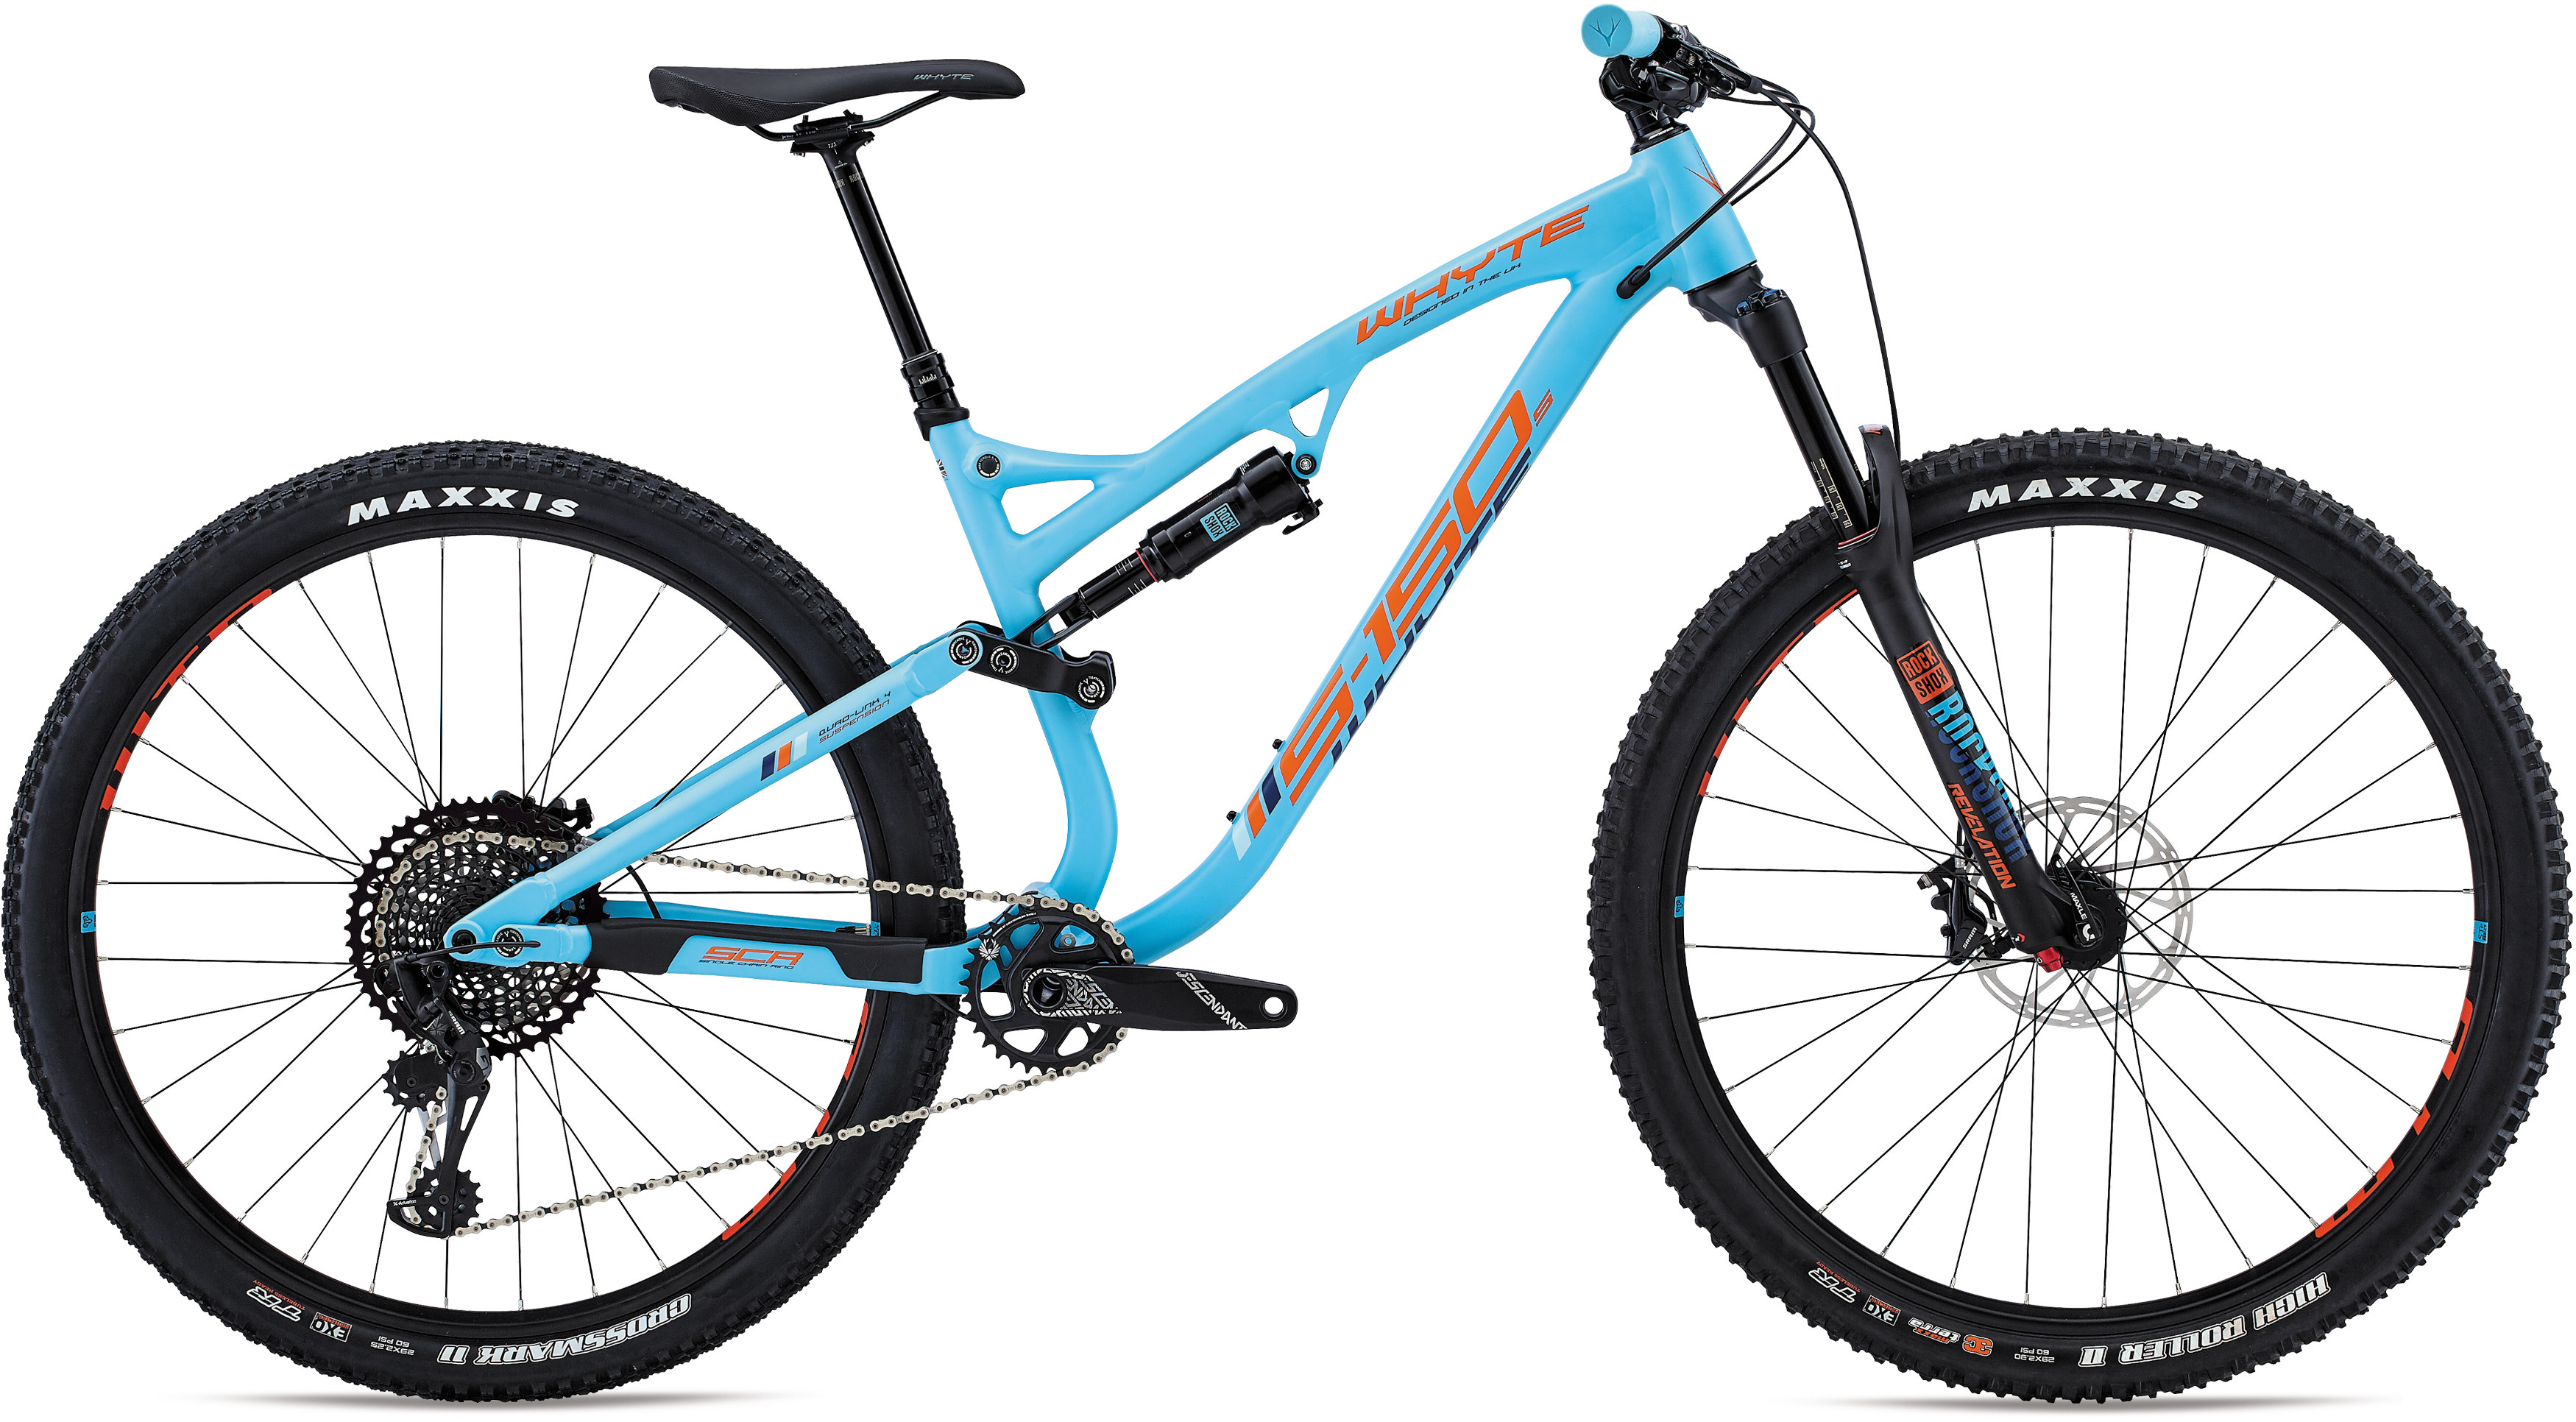 bb47af5c05e Whyte S150 S 29er Mountain Bike 2018 Blue/Orange £2,194.00